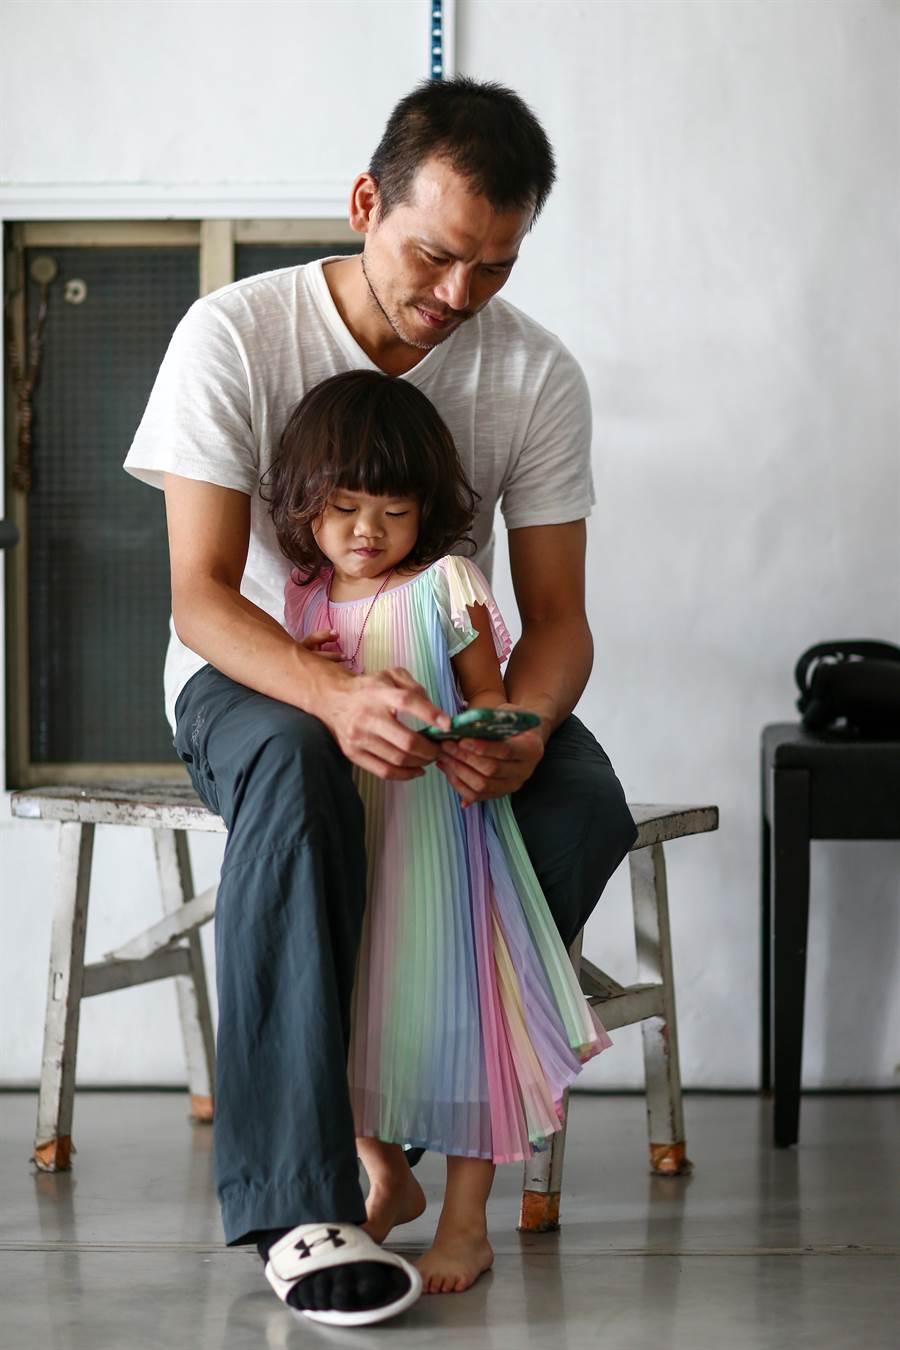 陳武康(後)小時候會和爸媽一起泡舞廳,長大後成為編舞家,女兒(前)在劇場成長。(李欣恬攝)